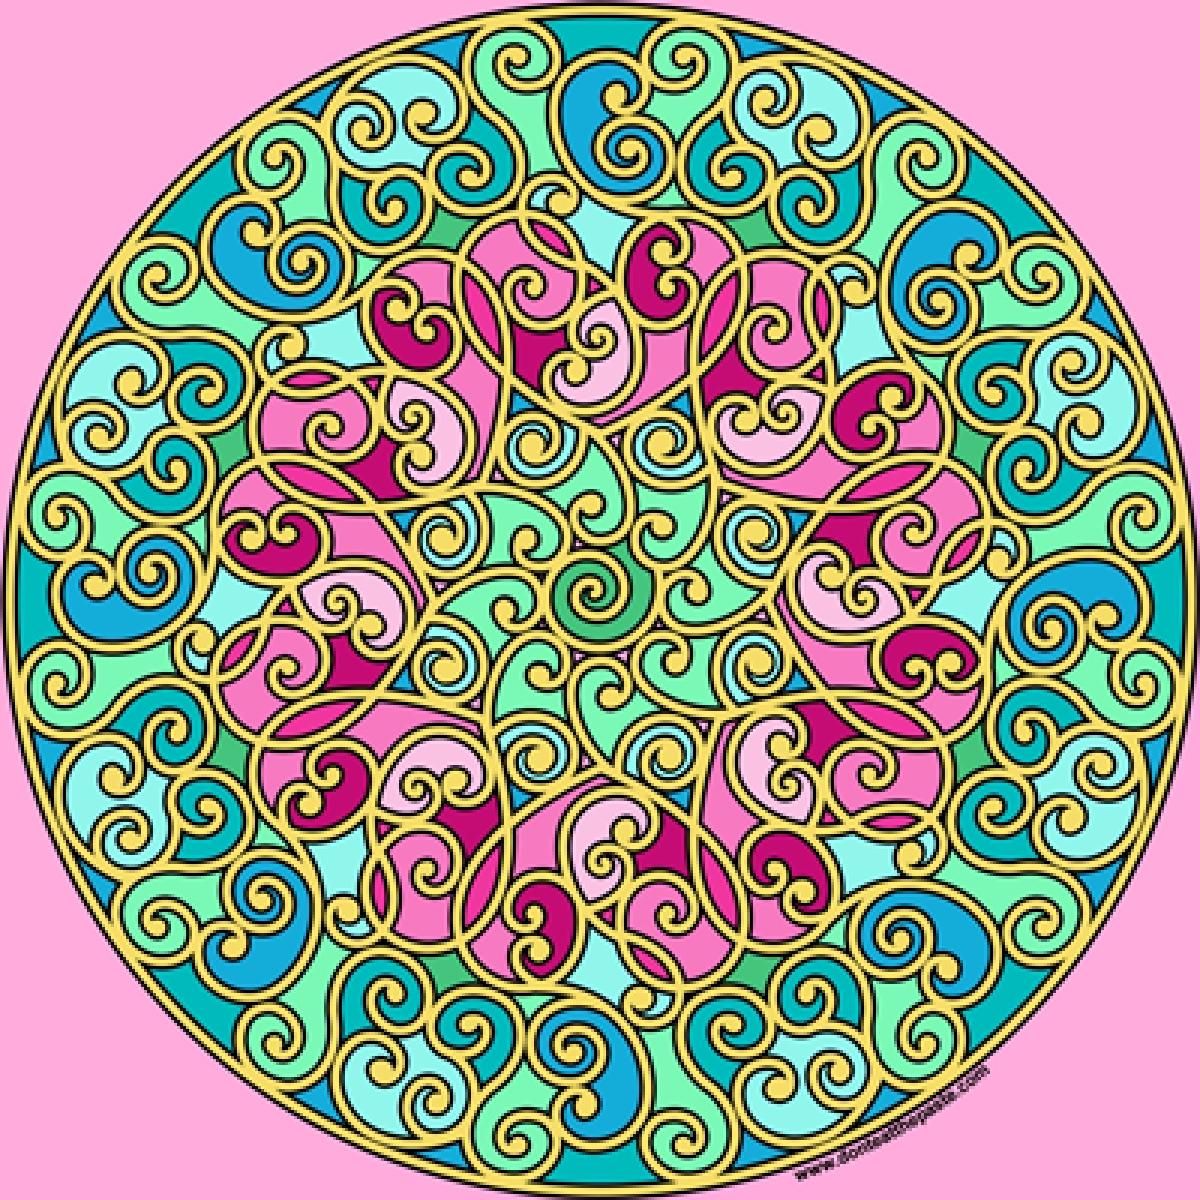 Mindful Mandala – Mandala Art Therapy